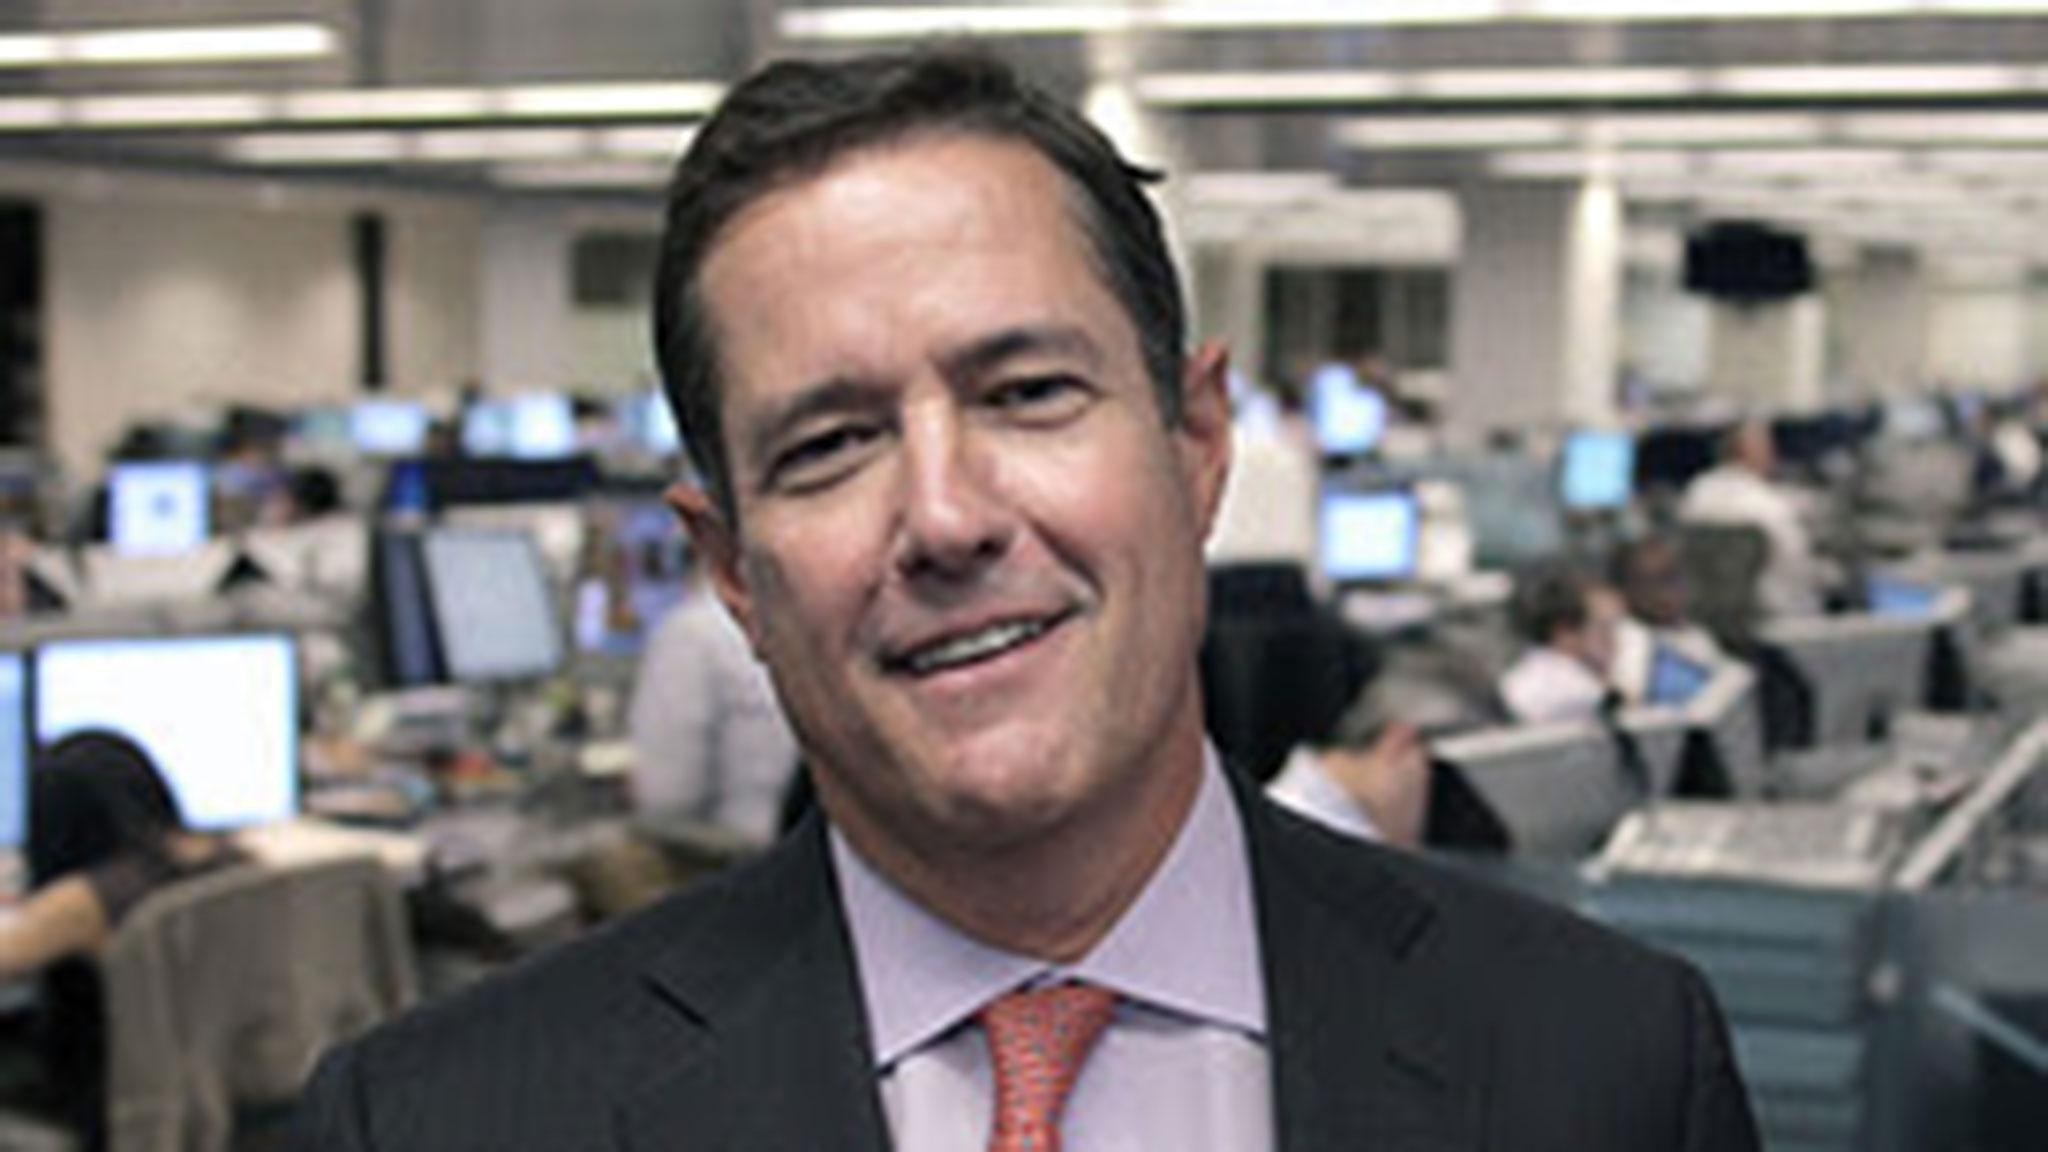 Jes Staley's memo to Barclays staff